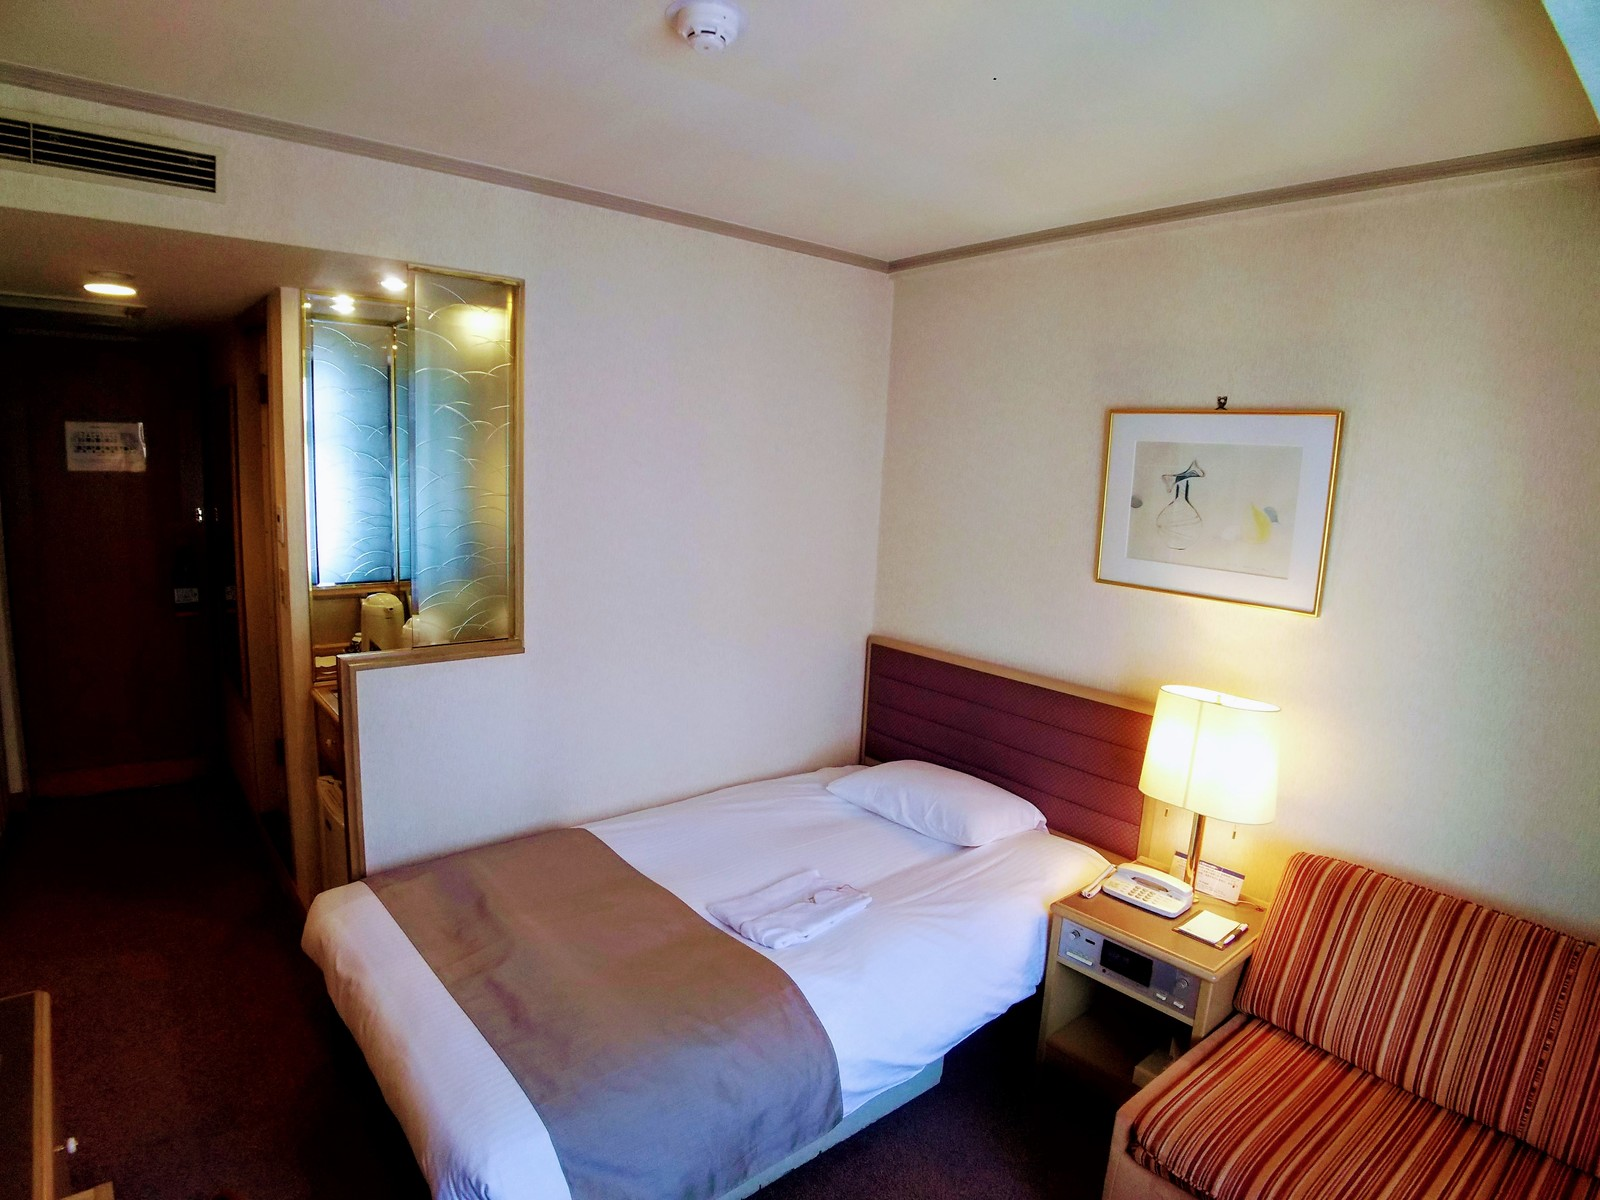 東京グランドホテル / PKG#フライト&ステイ 30日前の予約でお得 素泊まり